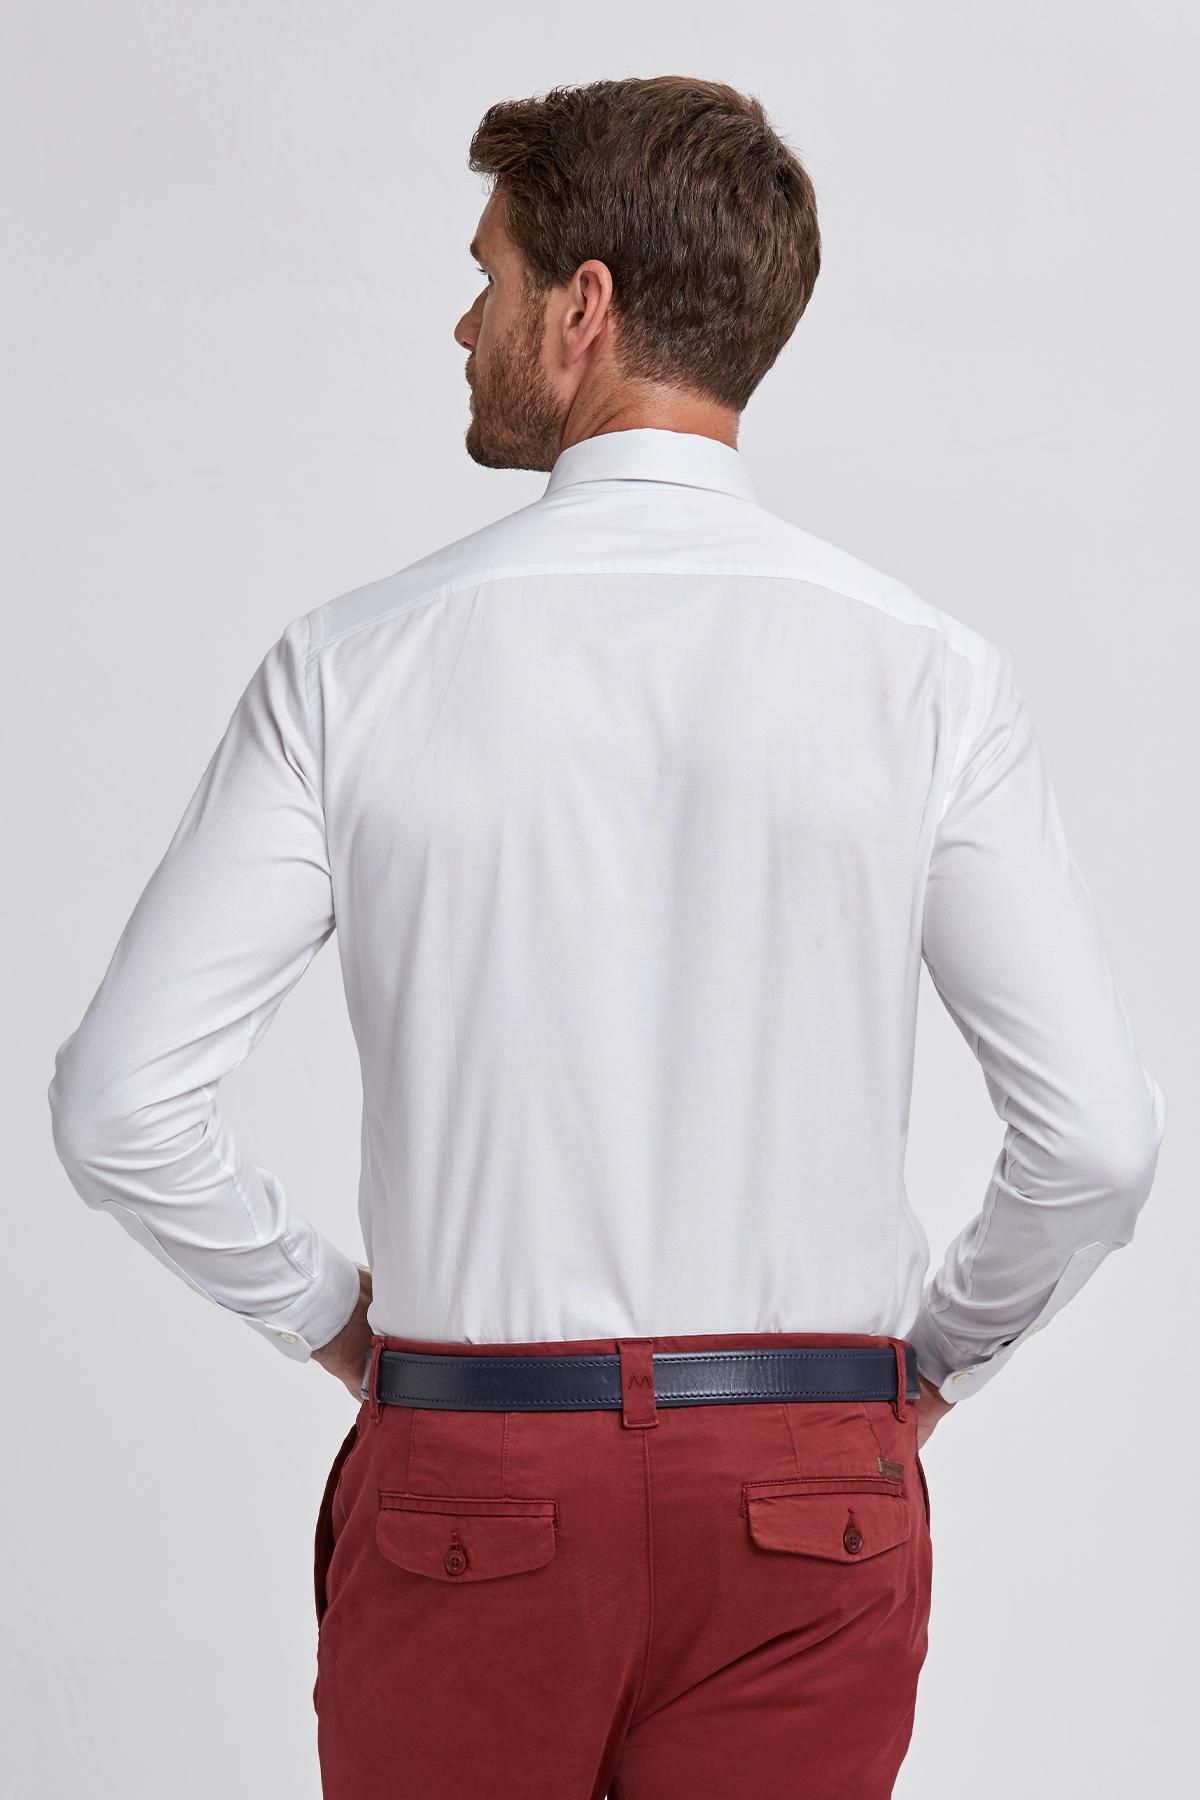 Beyaz Oxford Düğmeli Yaka Spor Gömlek